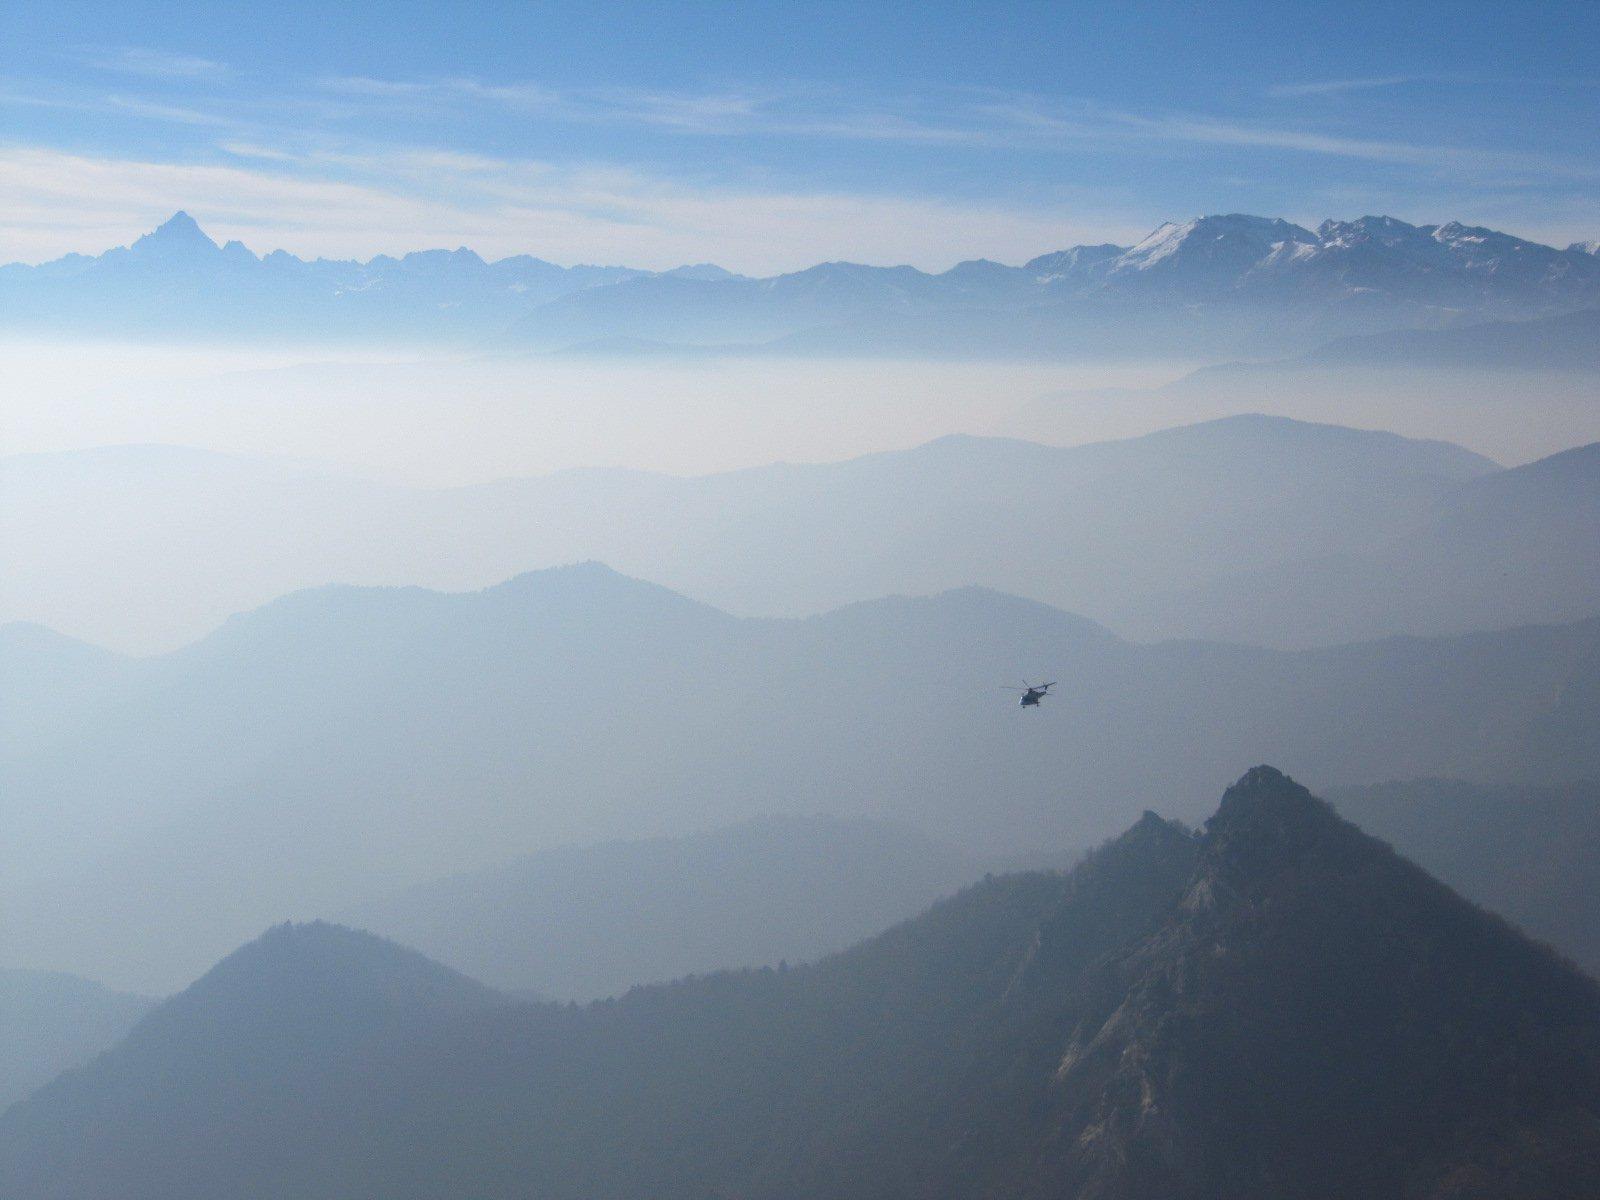 dal Dente Orientale di Cumiana tutte le valli fino al Monviso